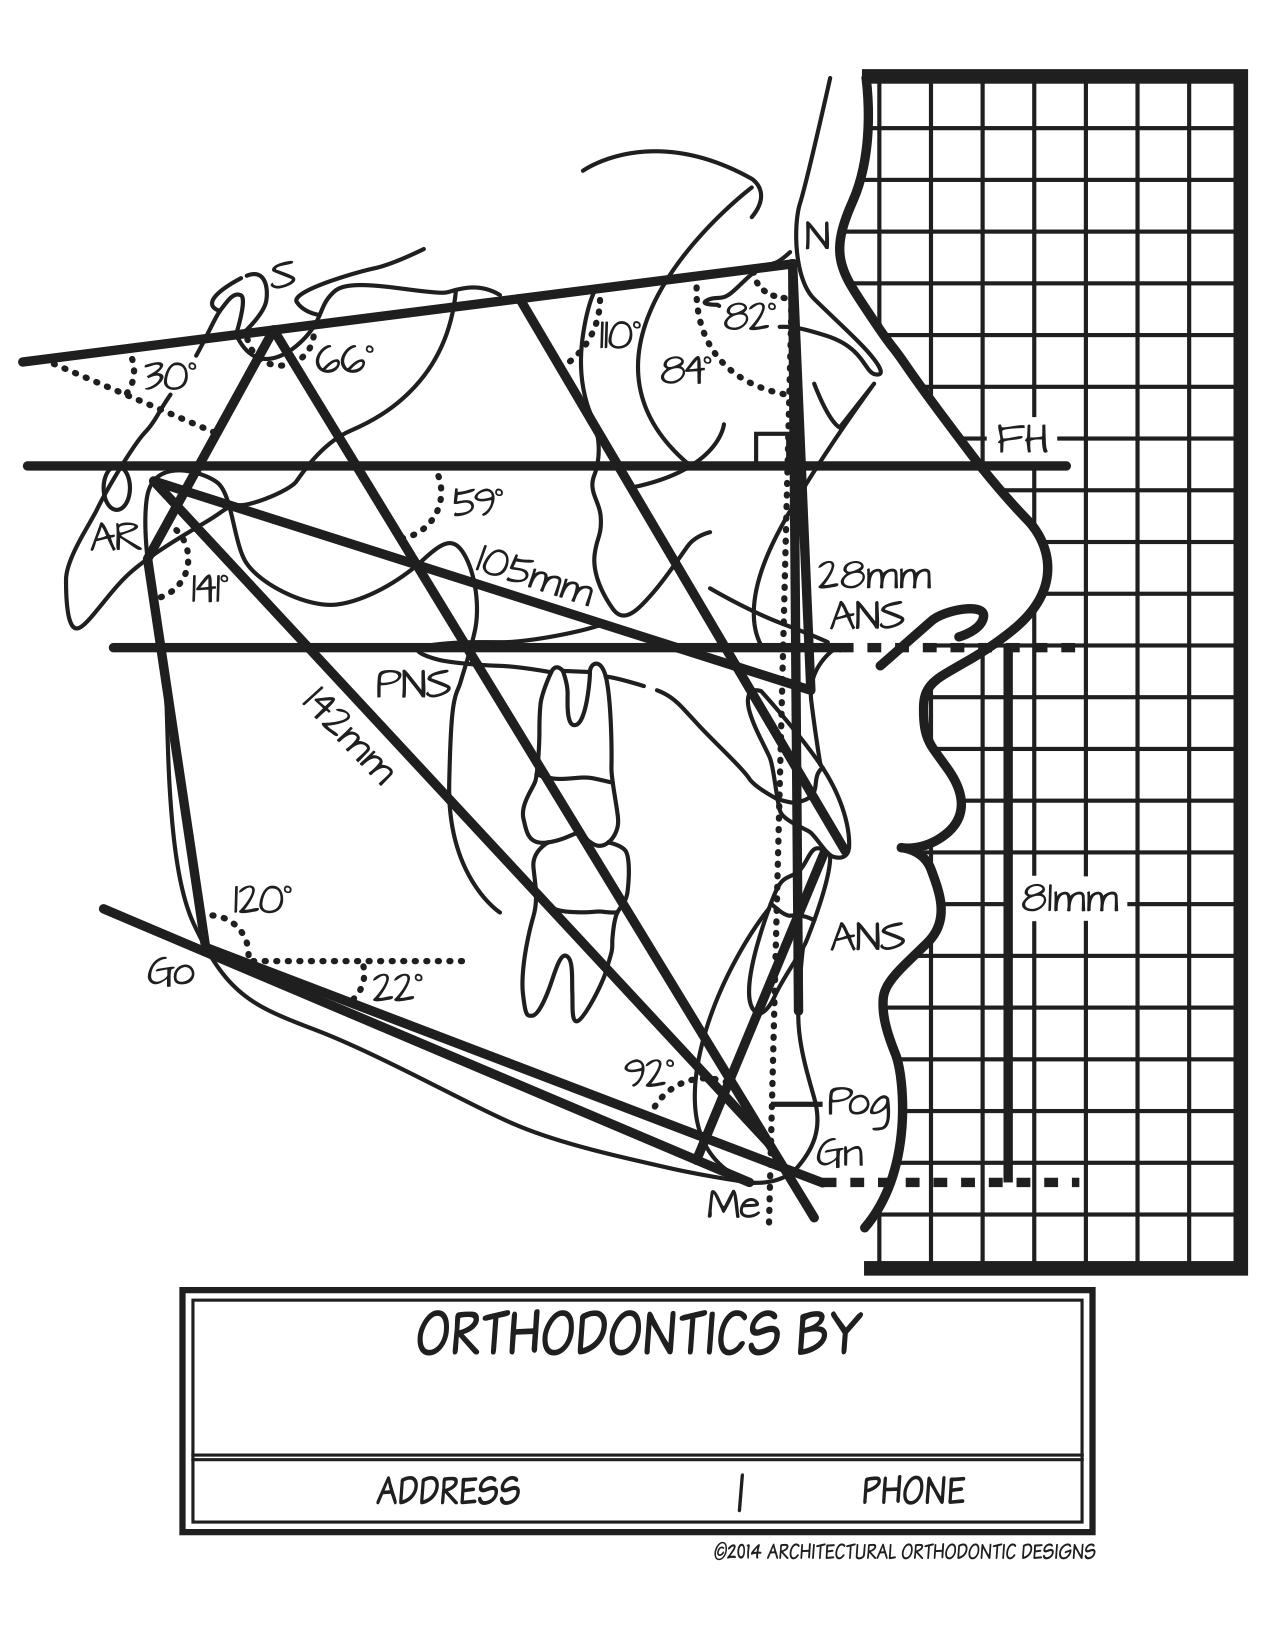 AOD Original Cephalometric View Design | Original Shirt Designs ...